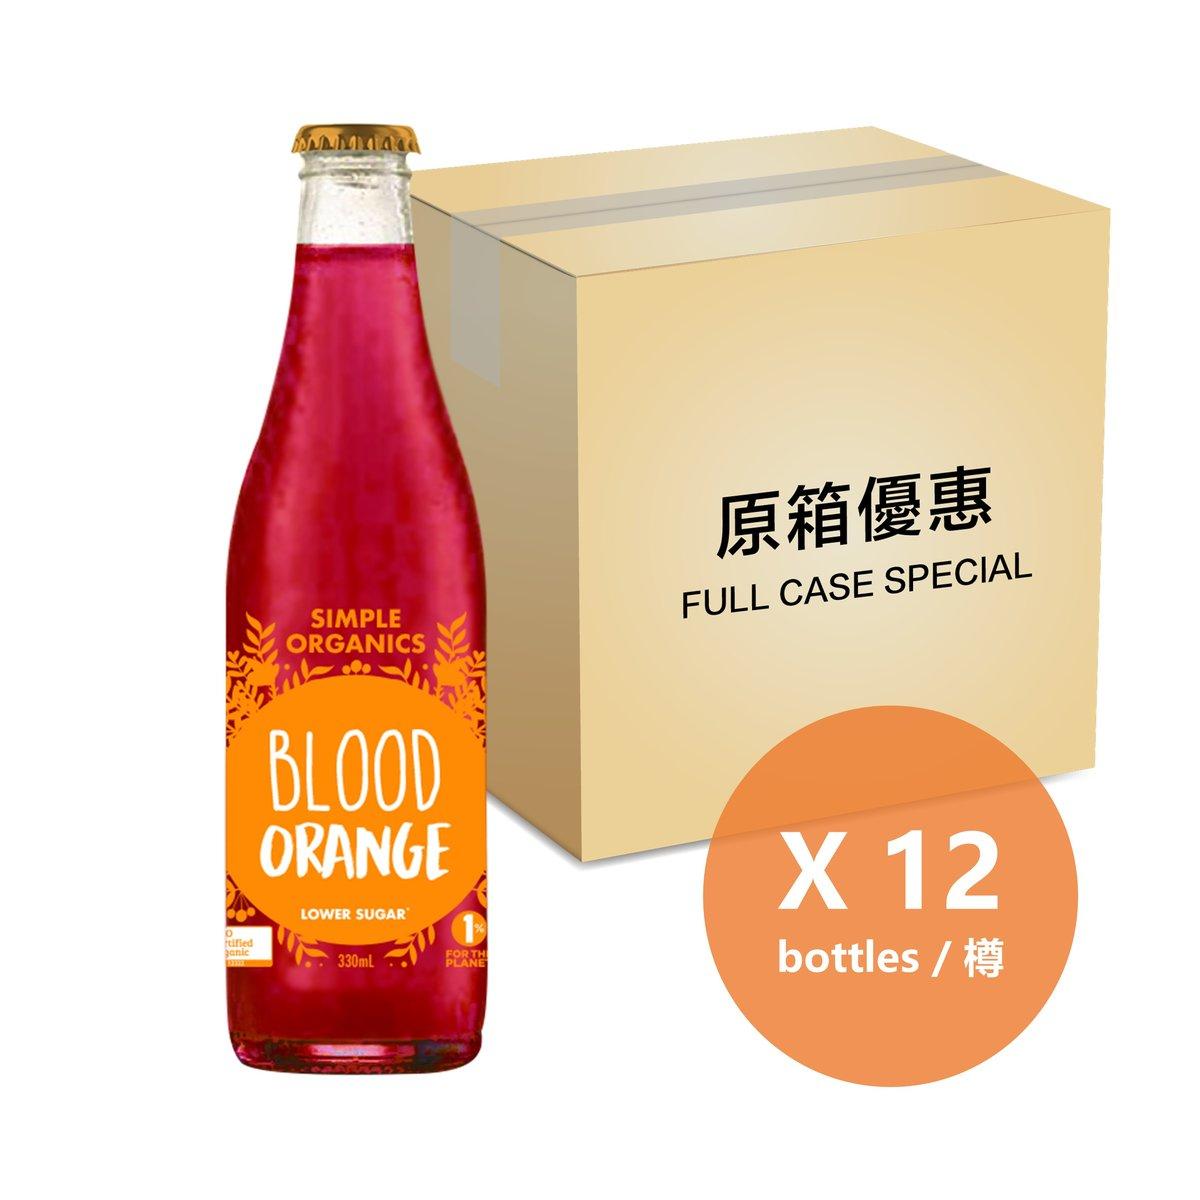 [原箱] 有機血橙梳打 - 325毫升樽裝